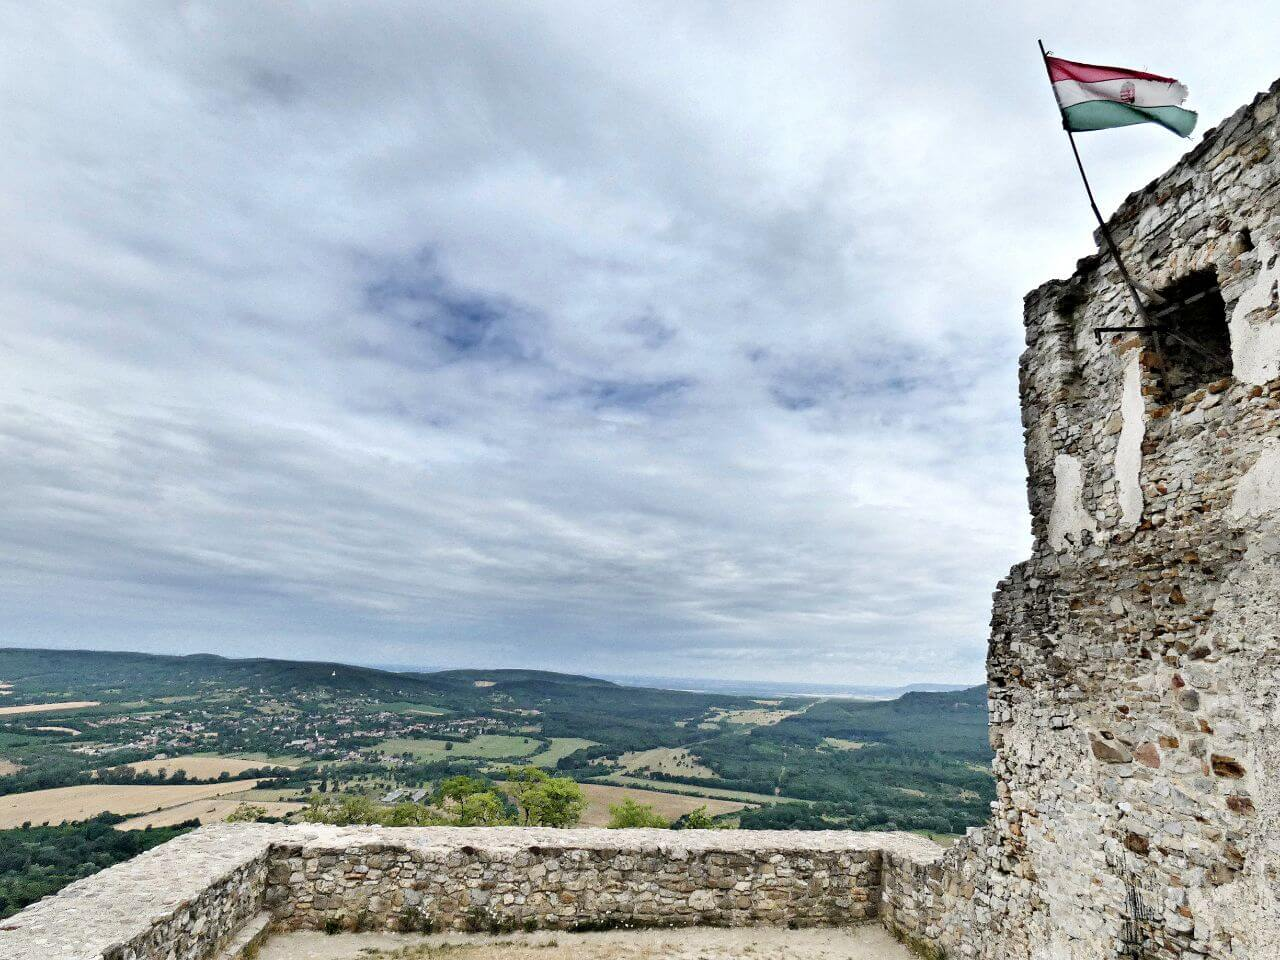 Rezi vár és tanösvény - panorámás kirándulás a Keszthelyi-fennsíkon